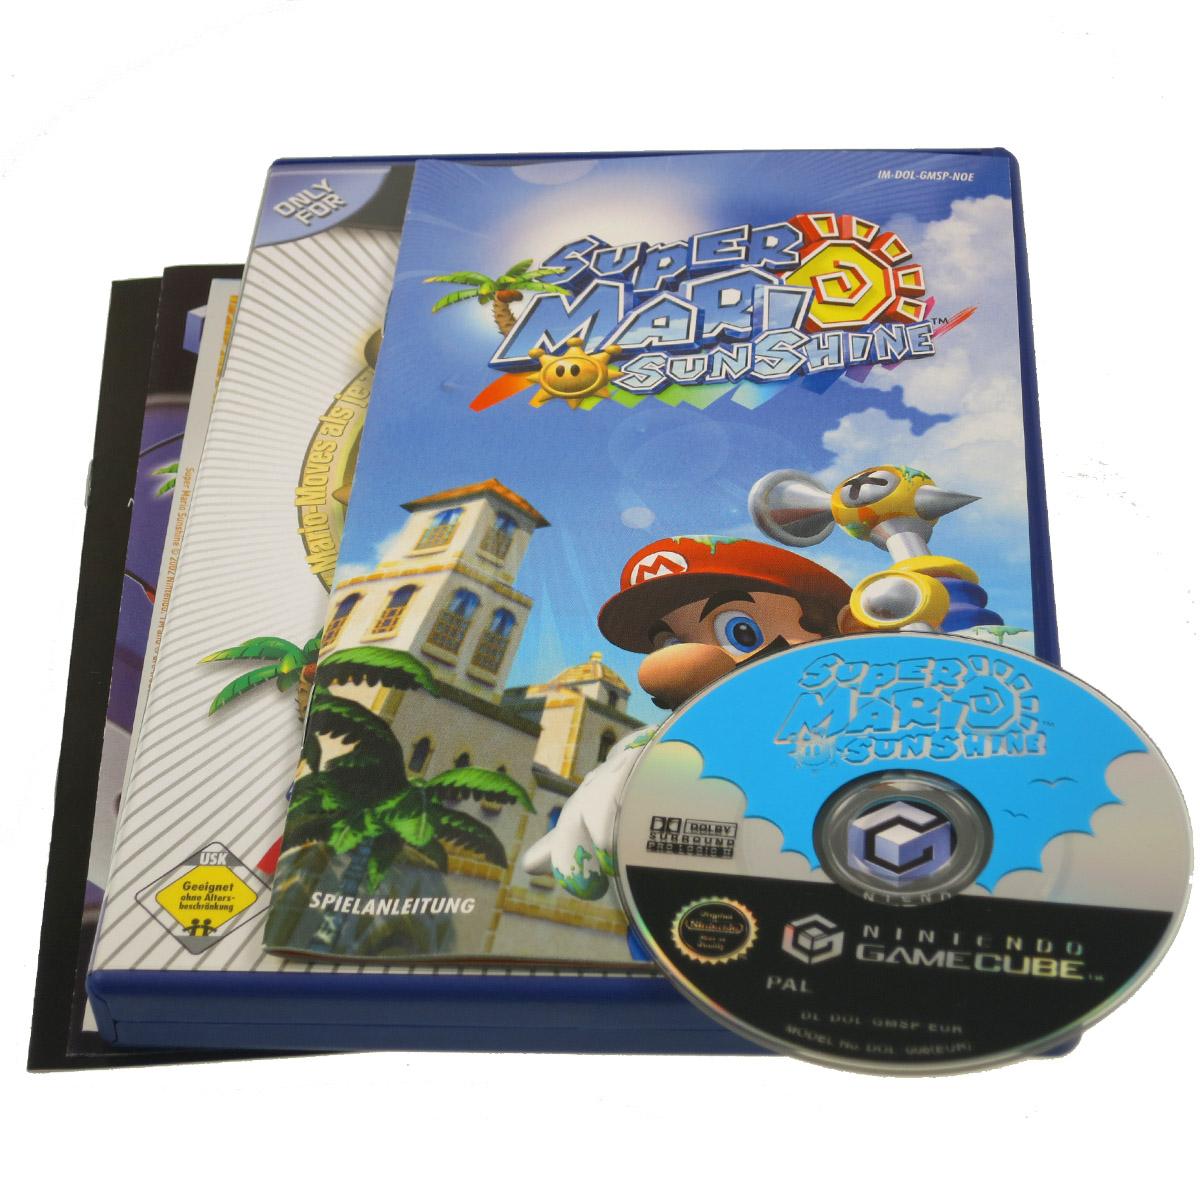 Super Mario Sunshine Gamecube Gc Game Cube Wii Spiel Ovp Top Zustand